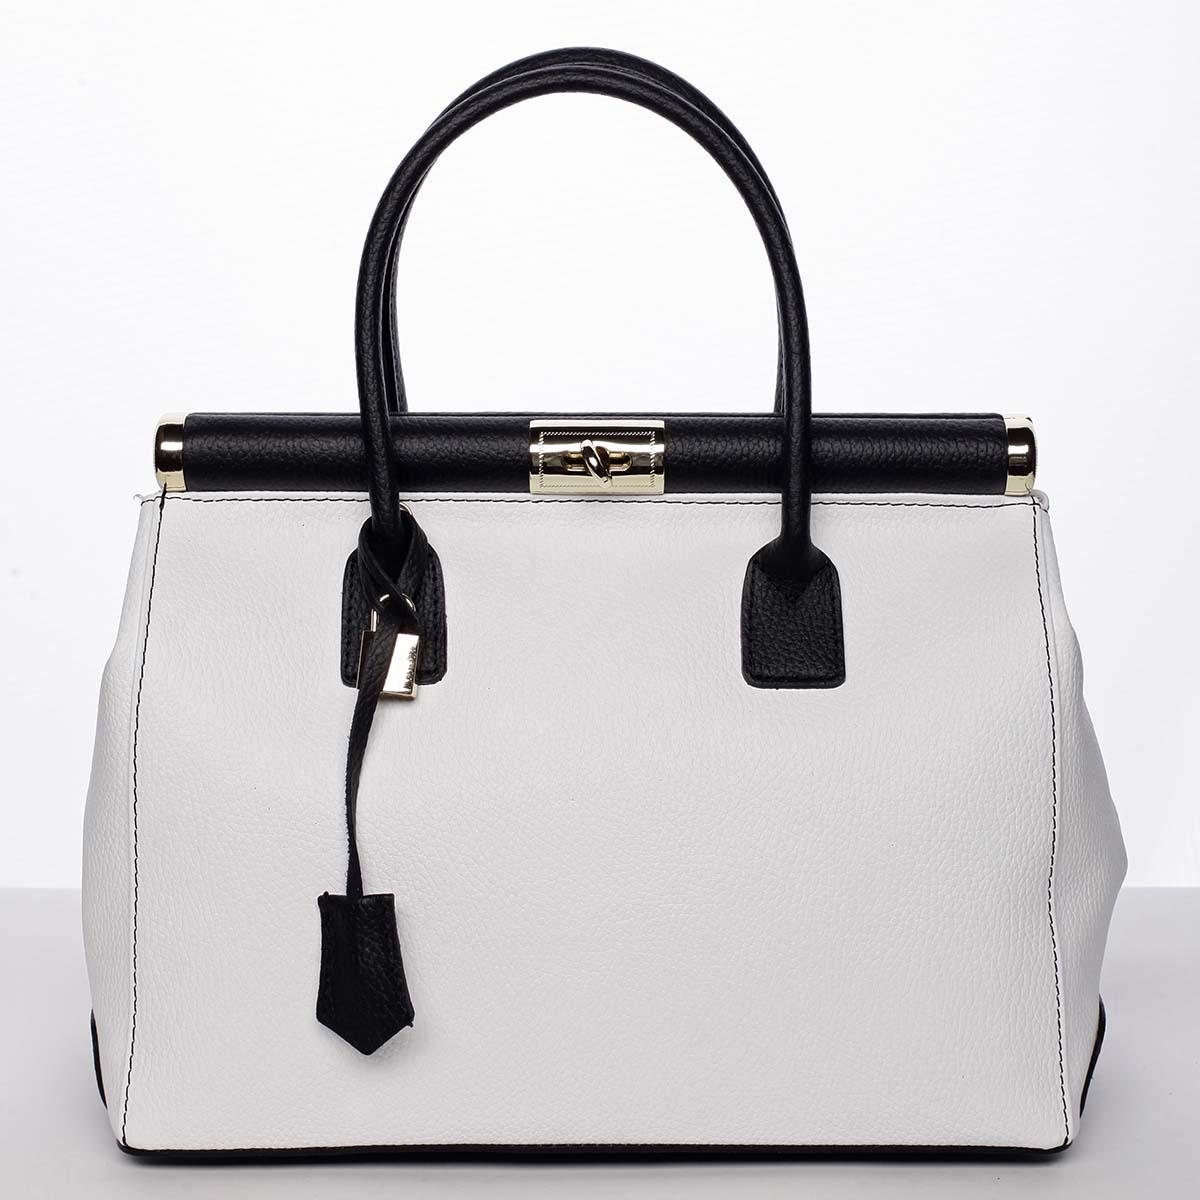 Originálna módna dámska kožená kabelka do ruky biela - ItalY Hila